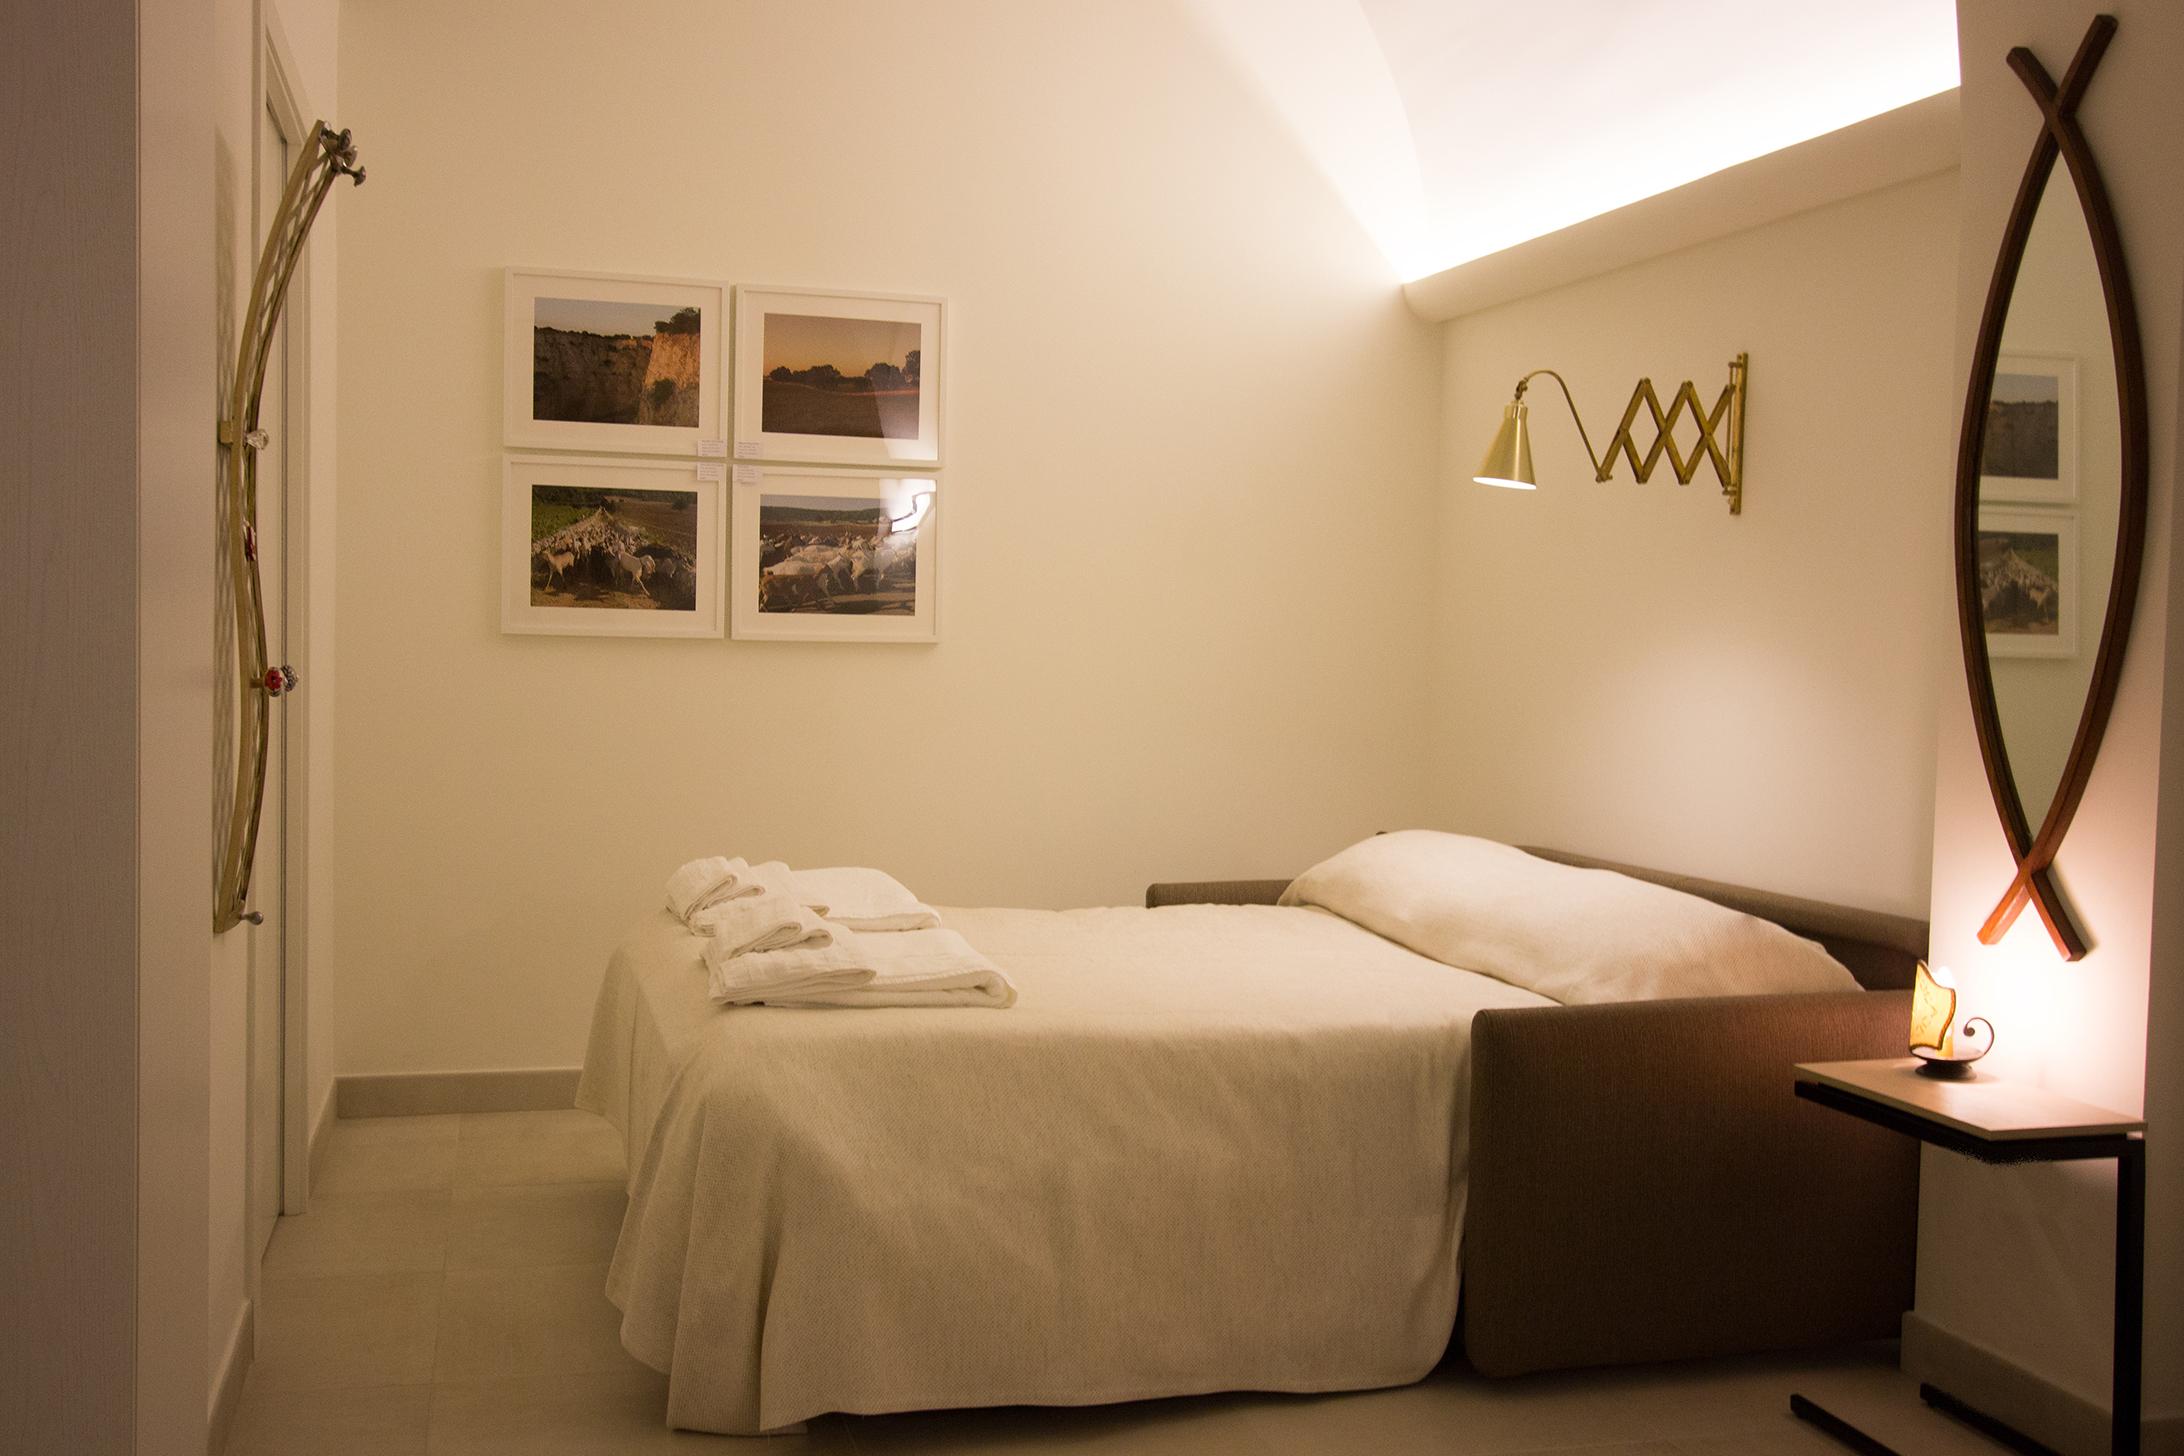 Camera da letto con divano letto matrimoniale e bagno privato.